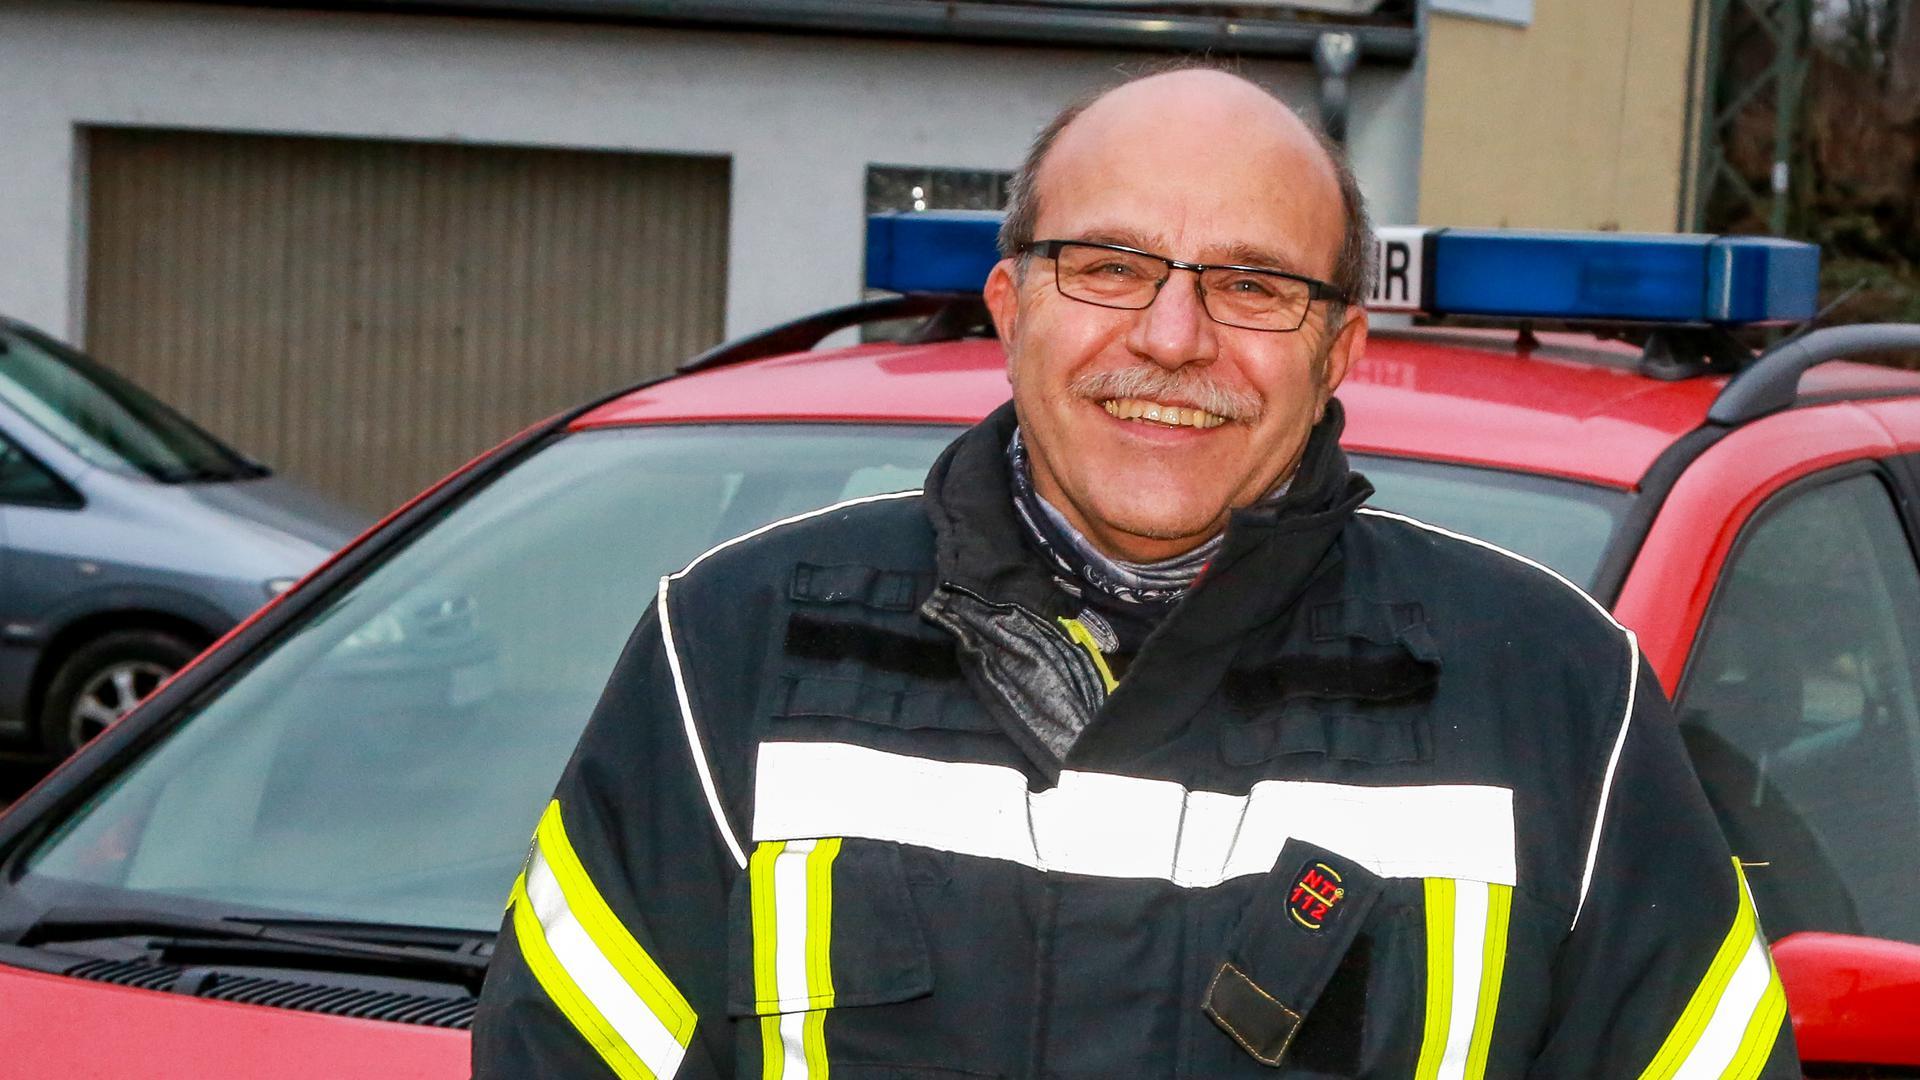 Feuerwehrmann Karlheinz Leichle von der Feuerwehr Bretten